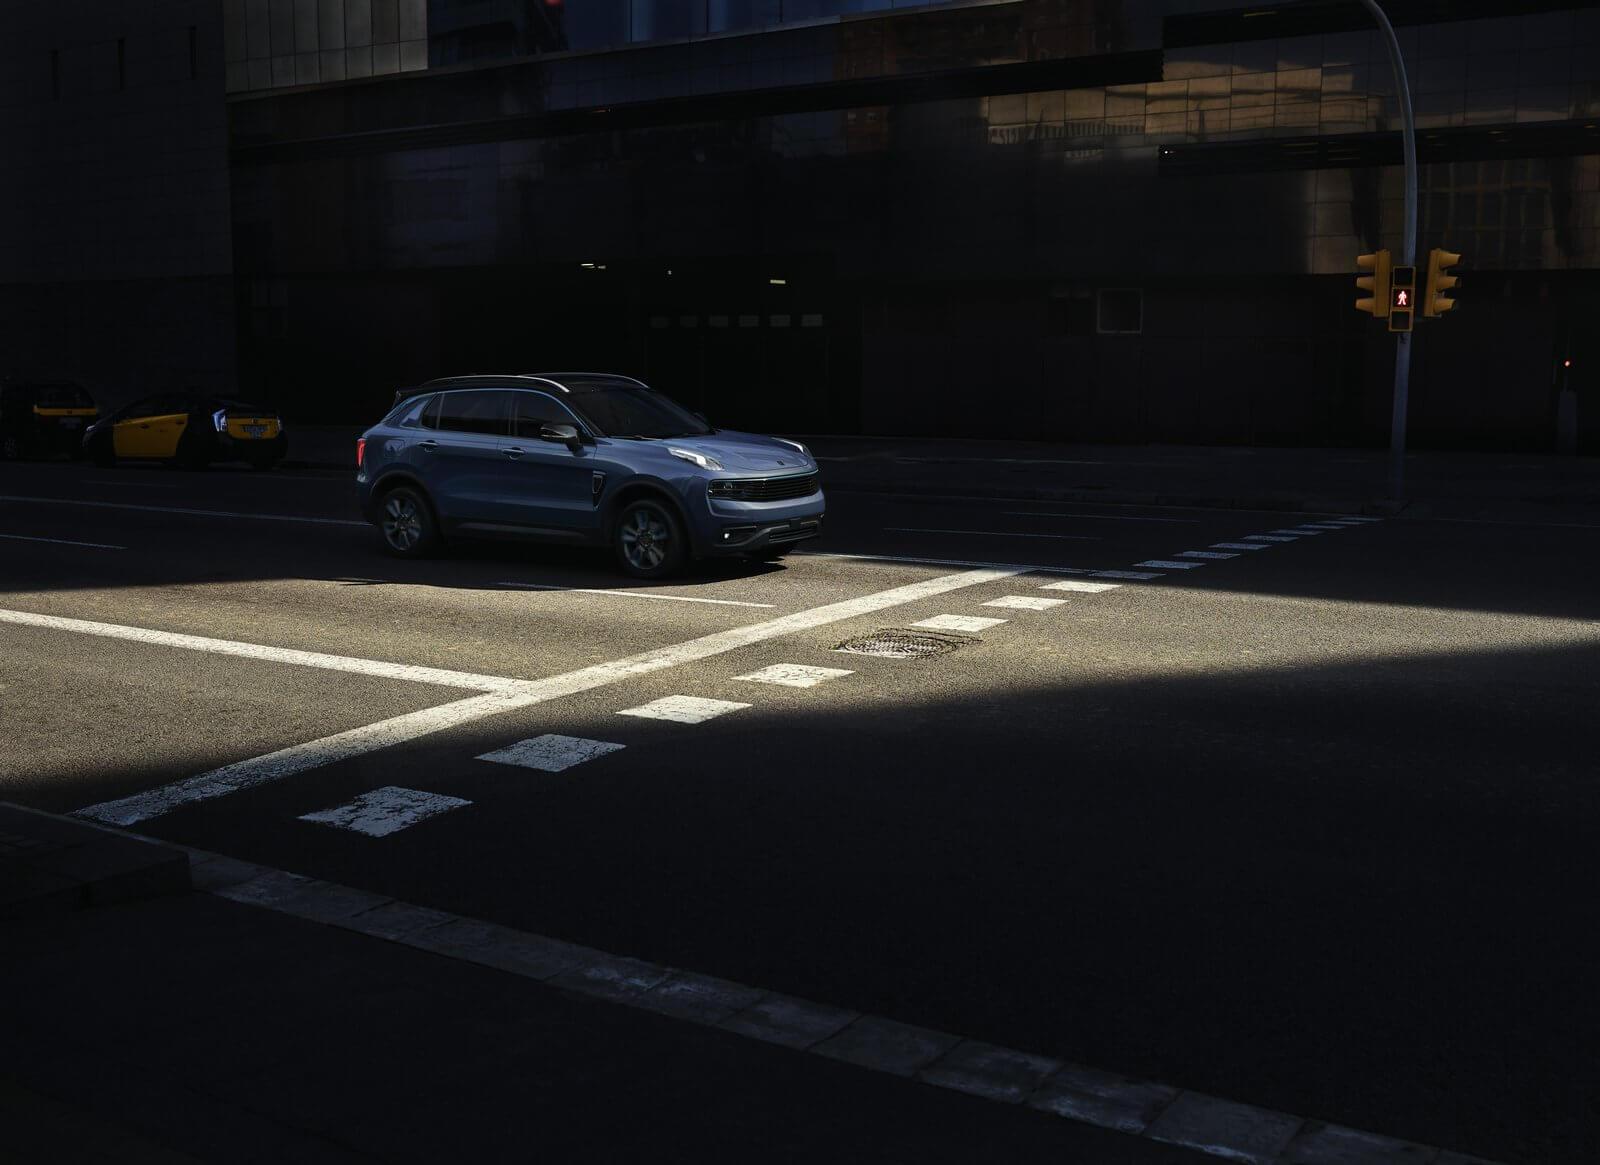 φωτογραφία του οχήματος, σταματημένο σε δρόμο